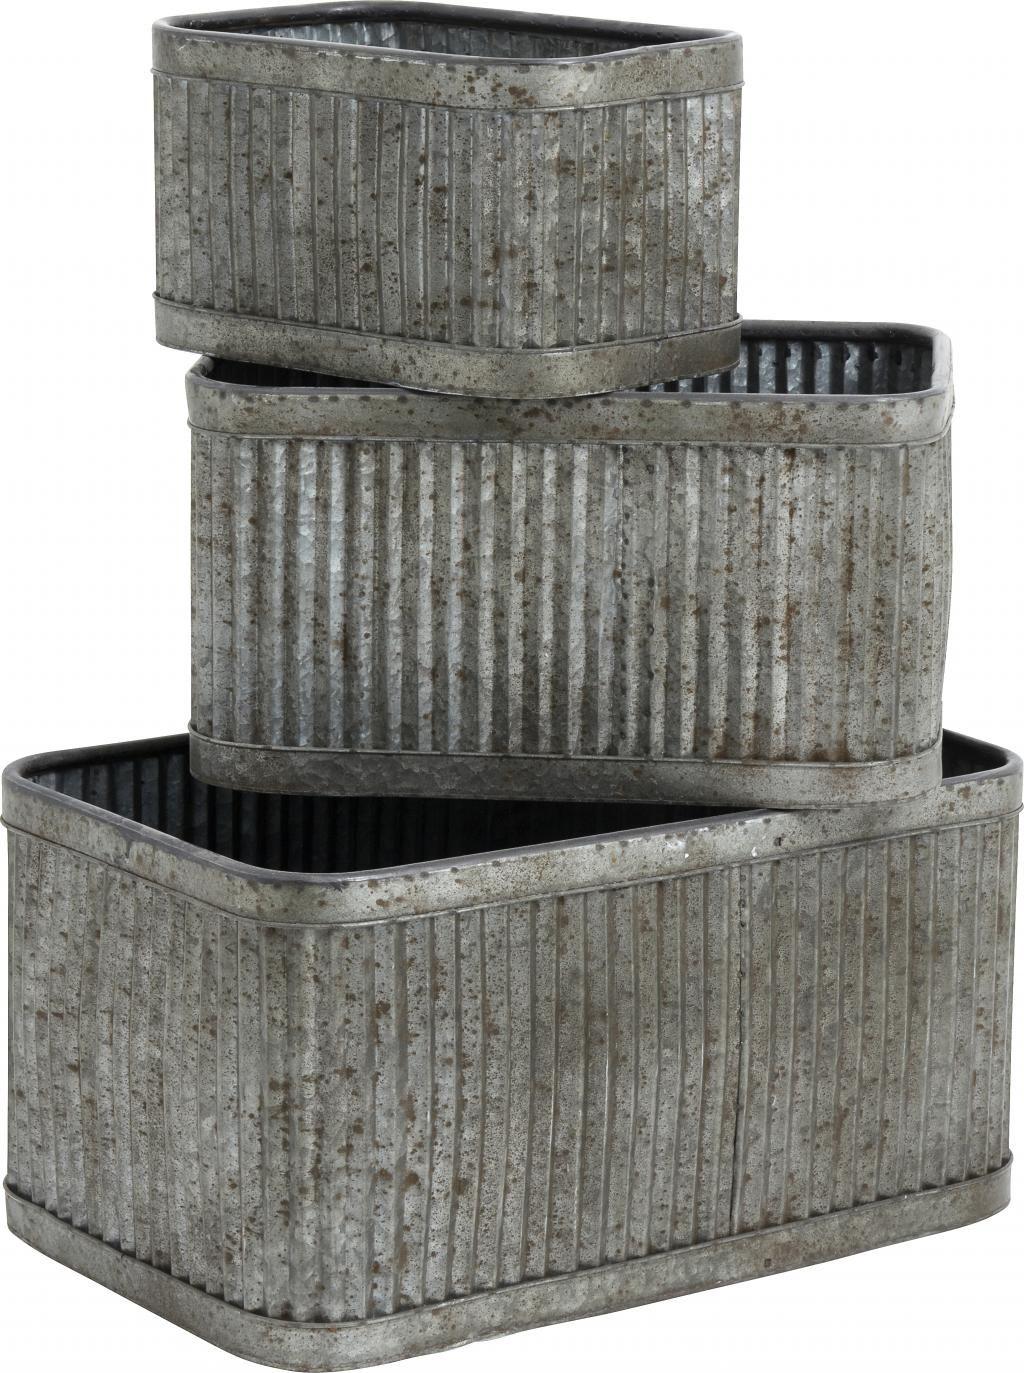 metalen-bakken---metaal---grijs---21x24-26x31-31x38---nordal[0].jpg